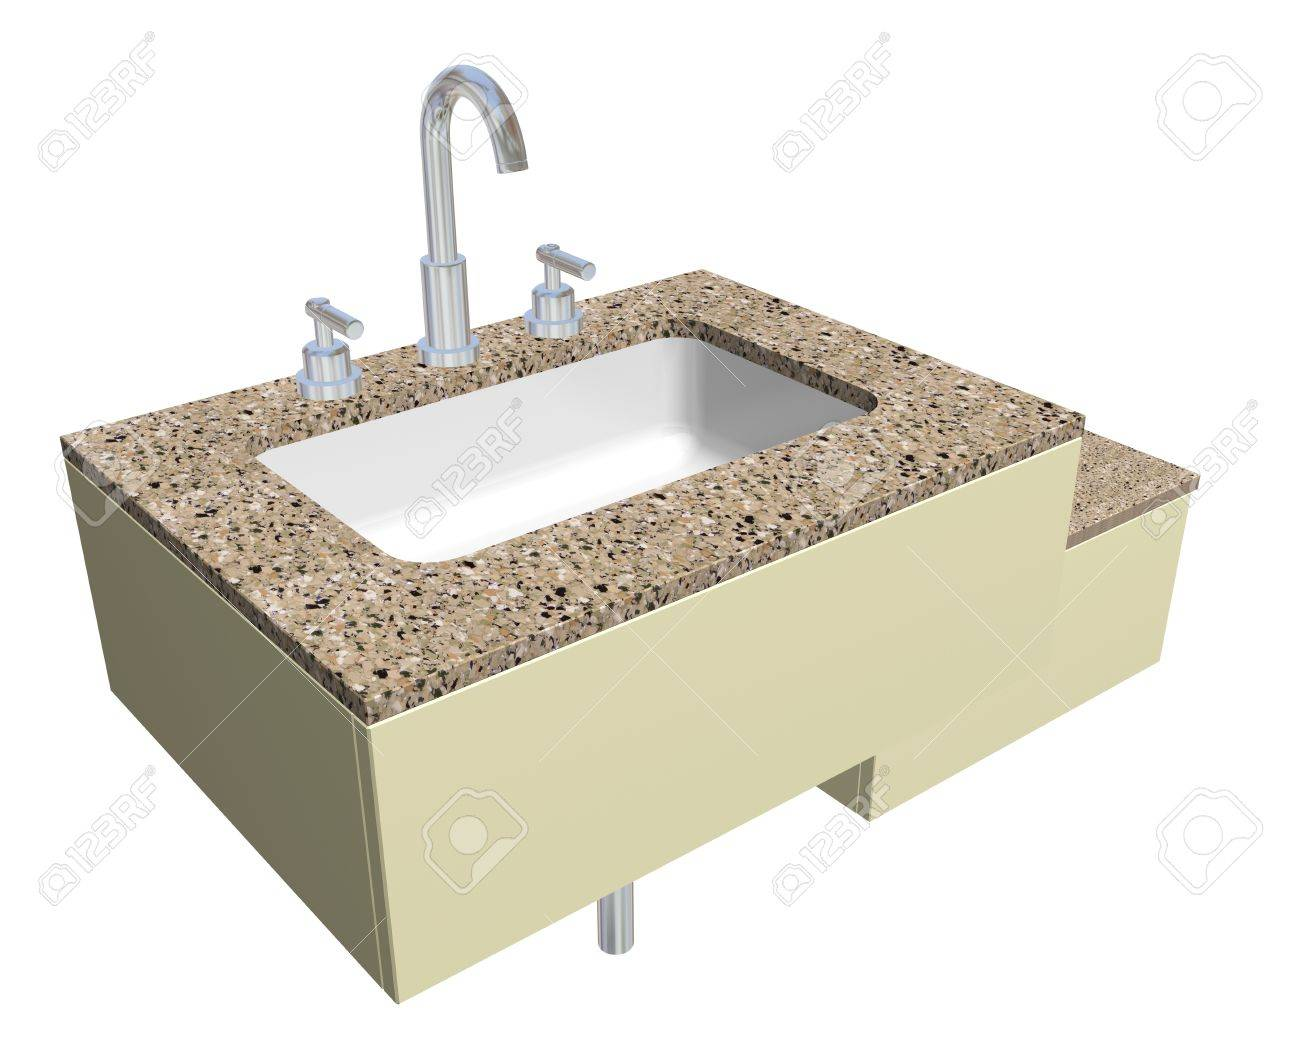 Weiß Integrierten Quadratischen Waschbecken Mit Verchromten ...